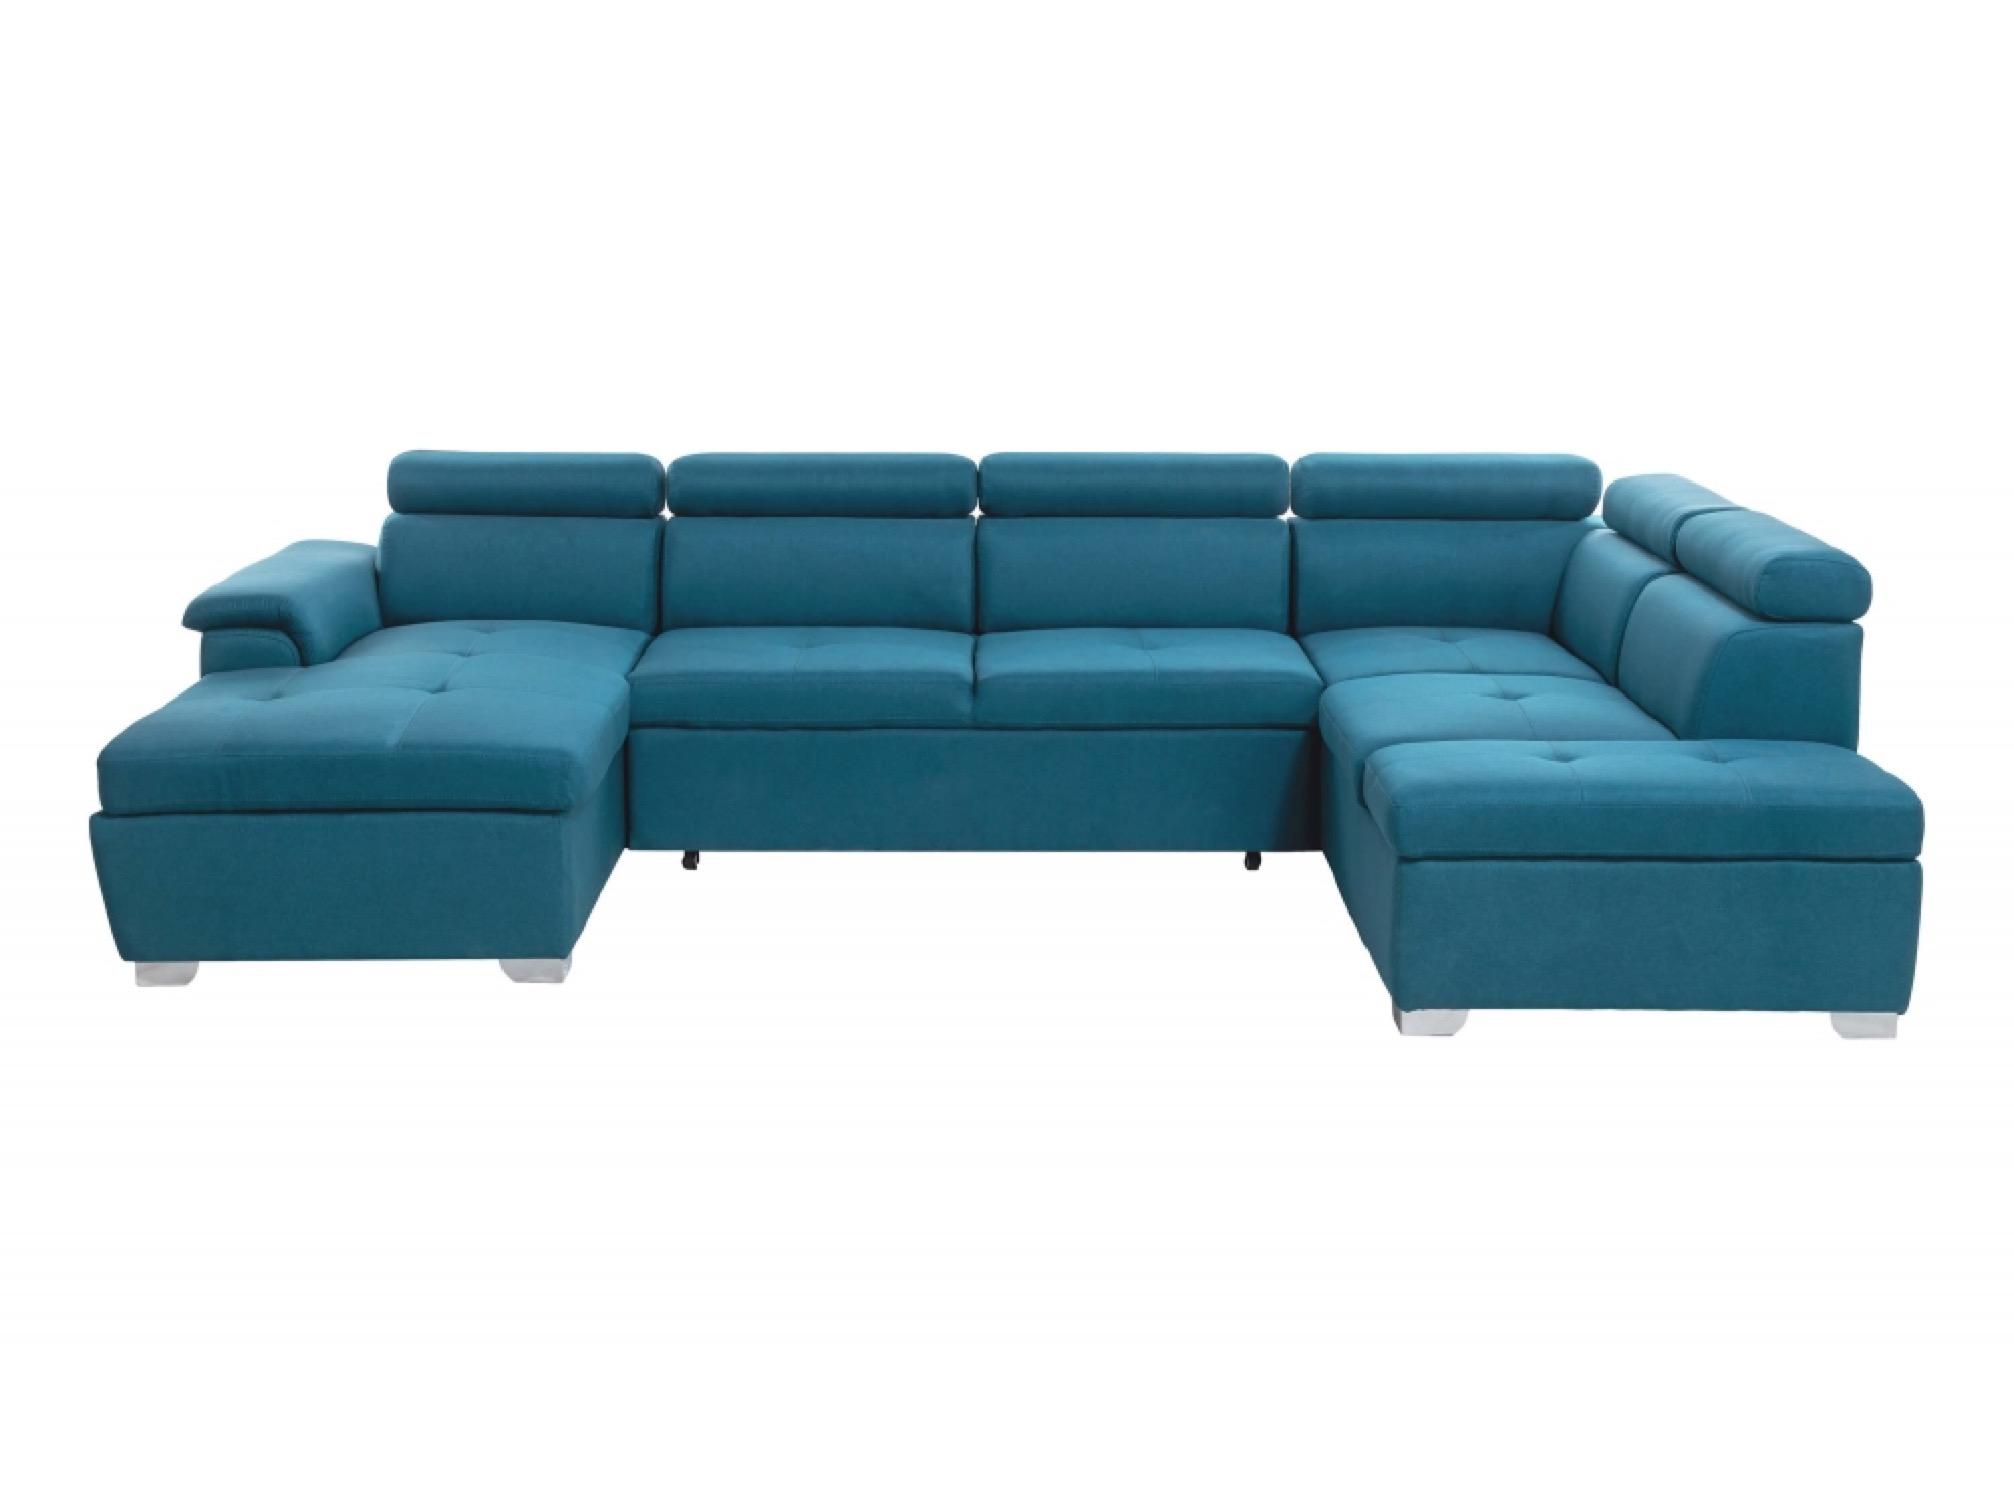 Canapé panoramique convertible avec coffre de rangement en tissu bleu